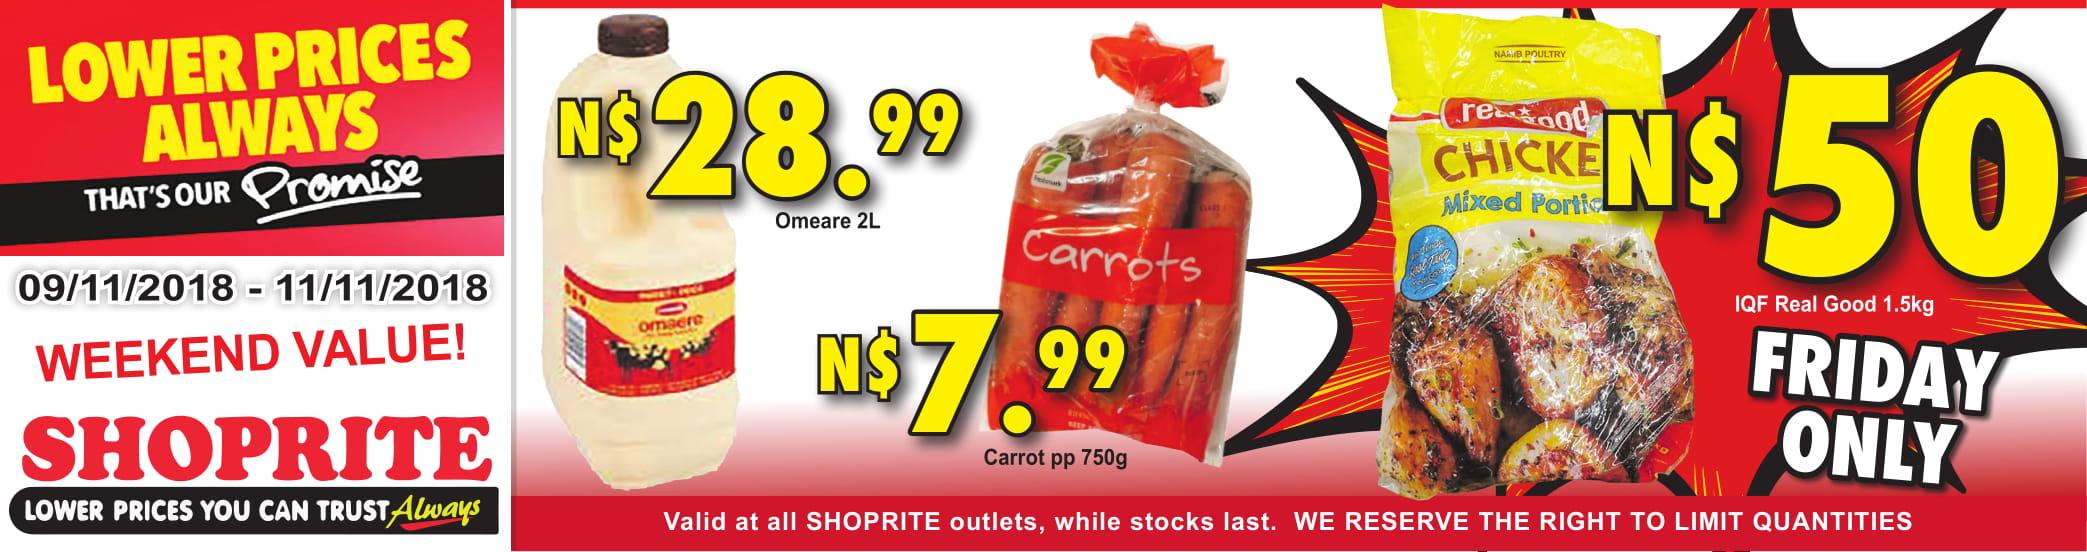 Shoprite Weekend Specials